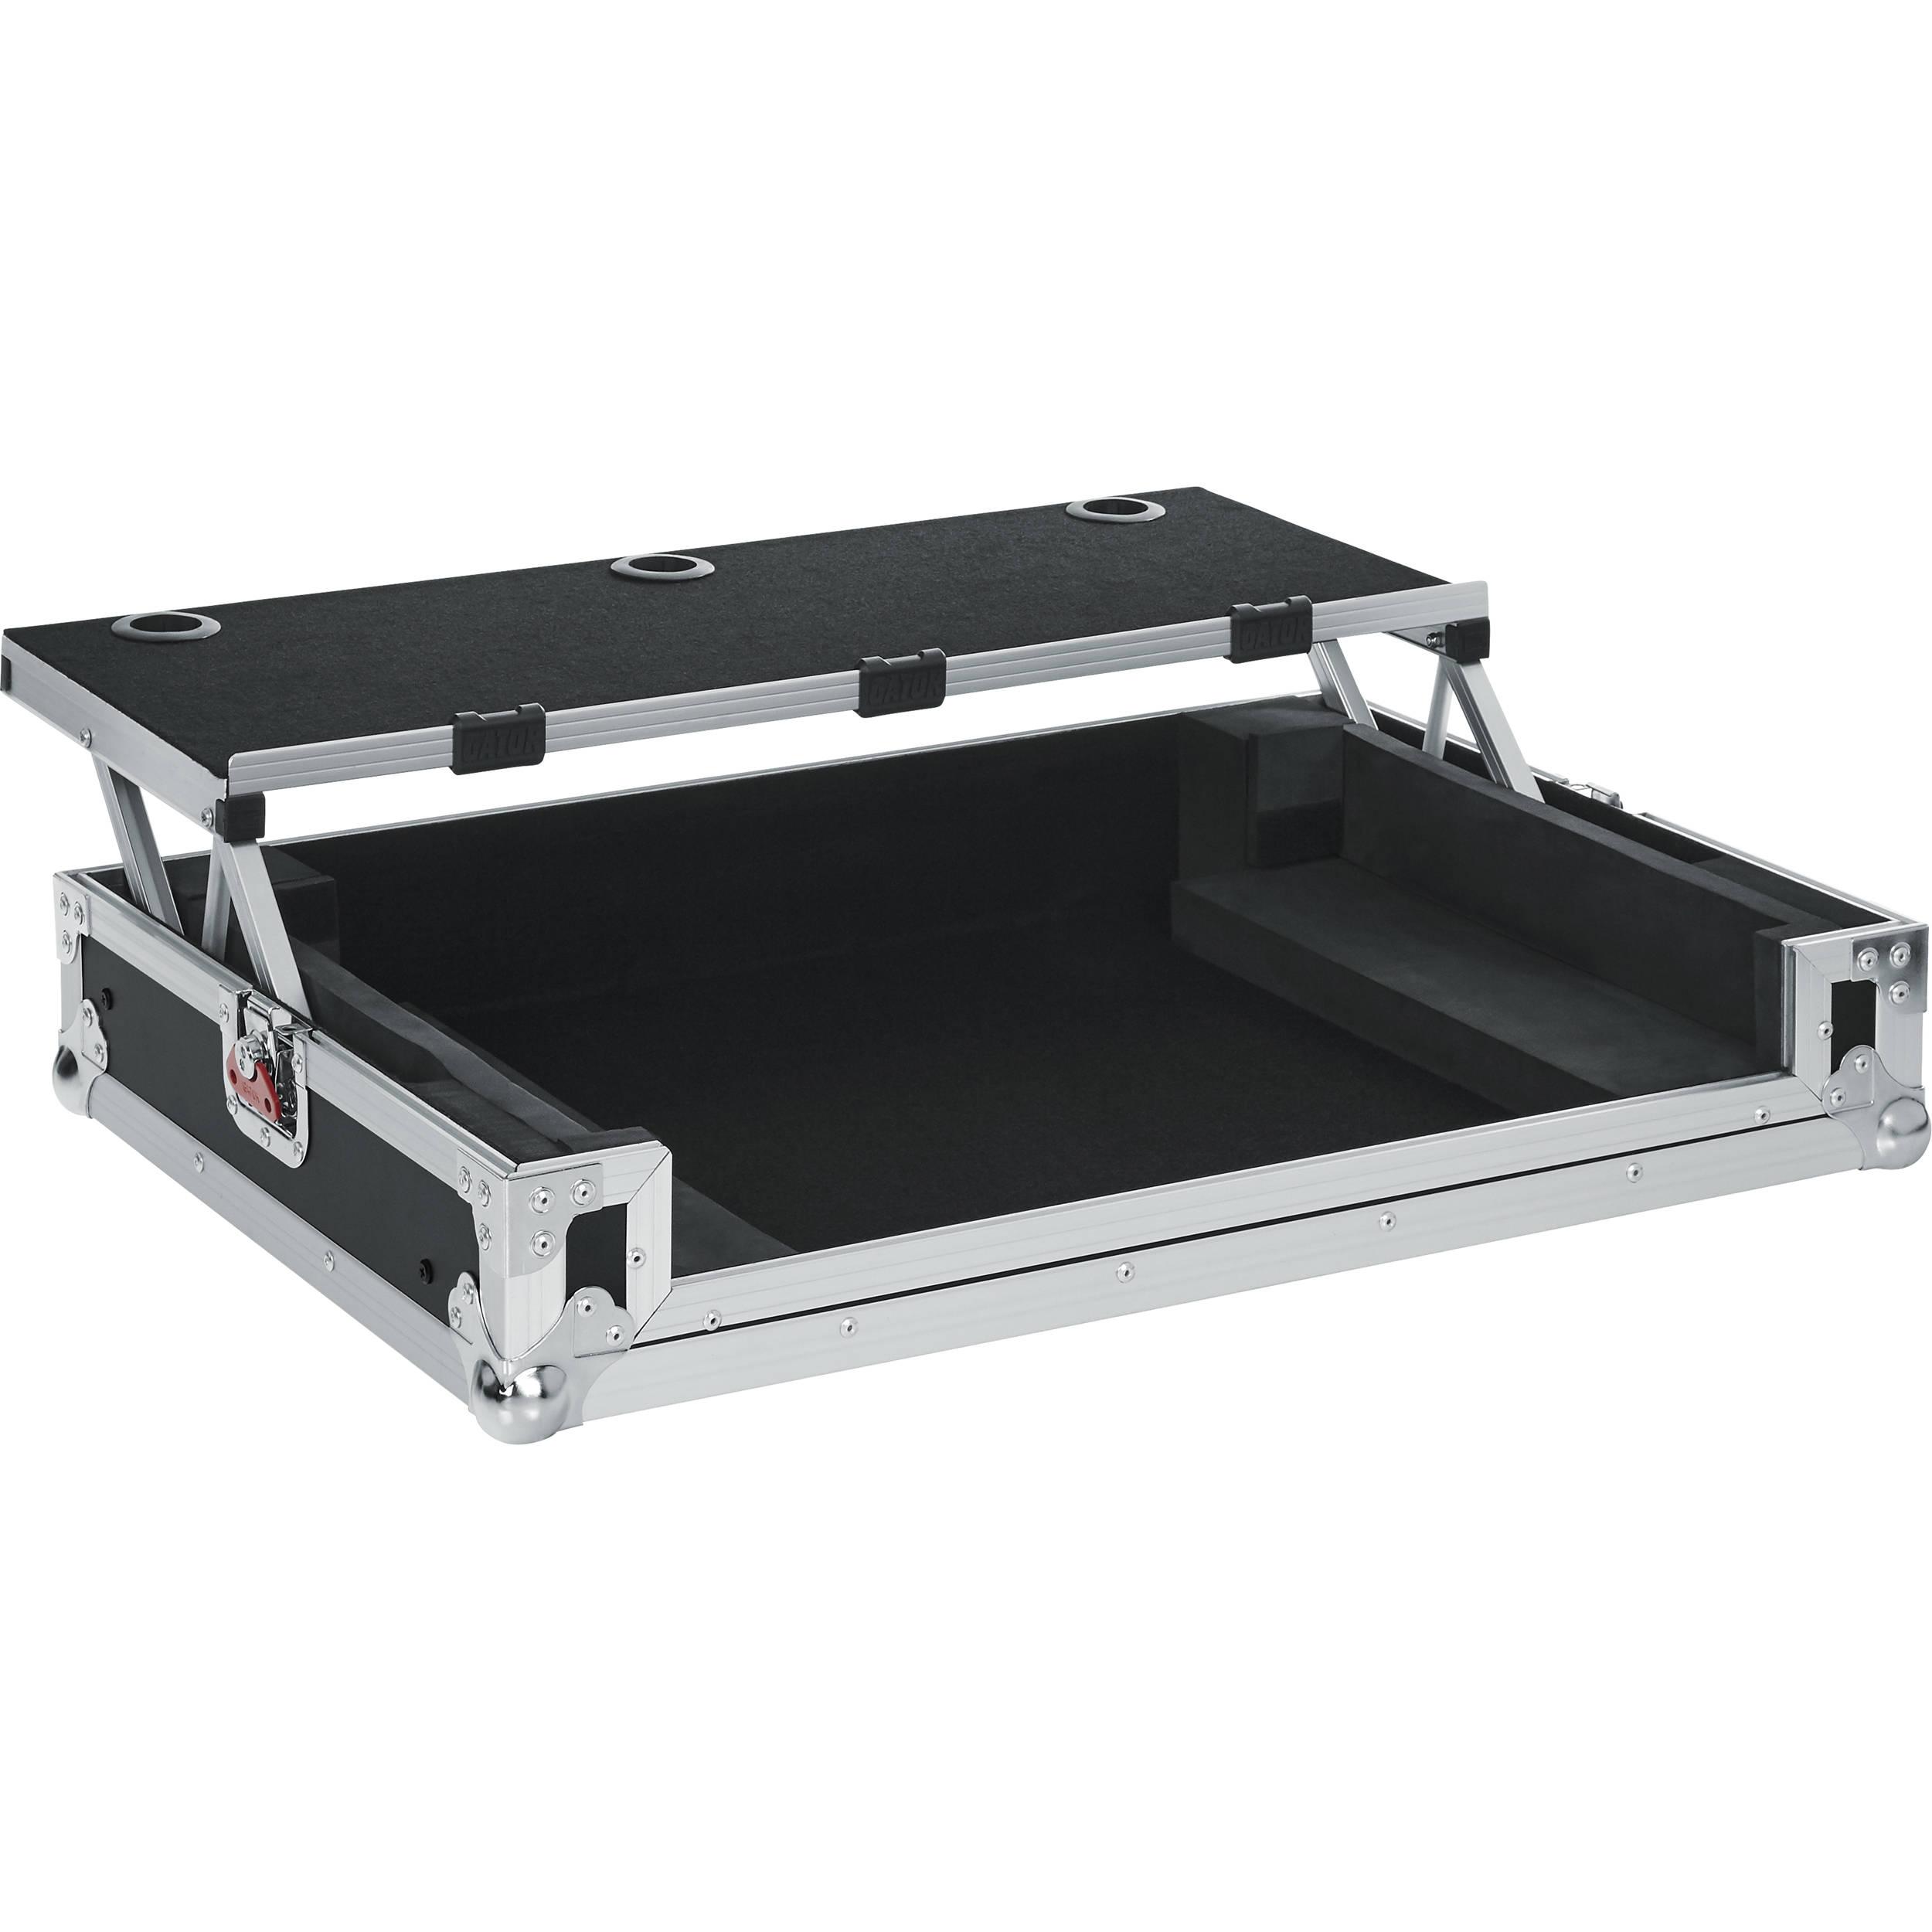 gator cases g tour road case with sliding laptop g tourdspdj808. Black Bedroom Furniture Sets. Home Design Ideas